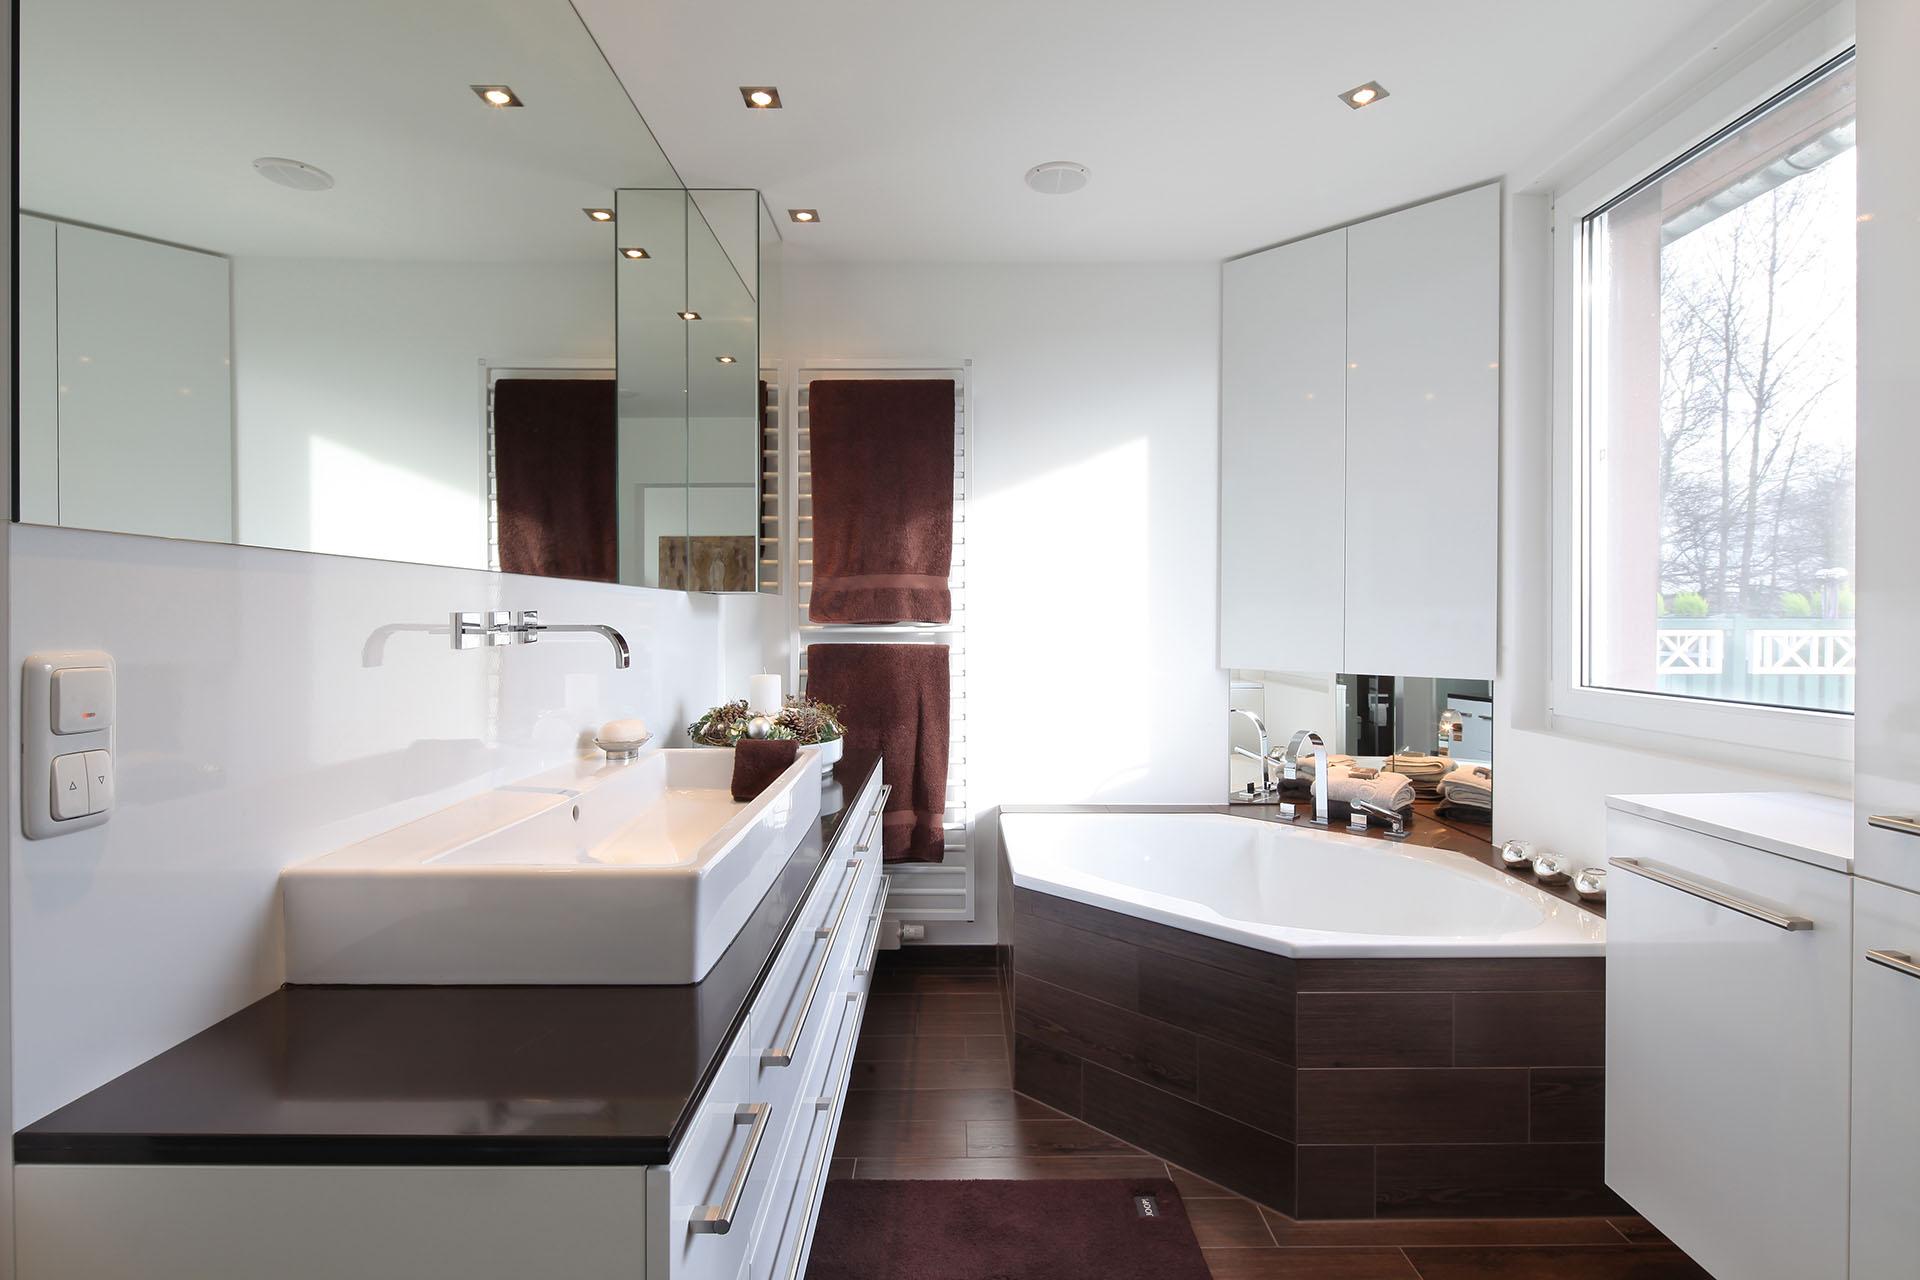 Badezimmer in braunt nen glaescher design innenausbau raumplanung und raumgestaltung in - Raumgestaltung badezimmer ...